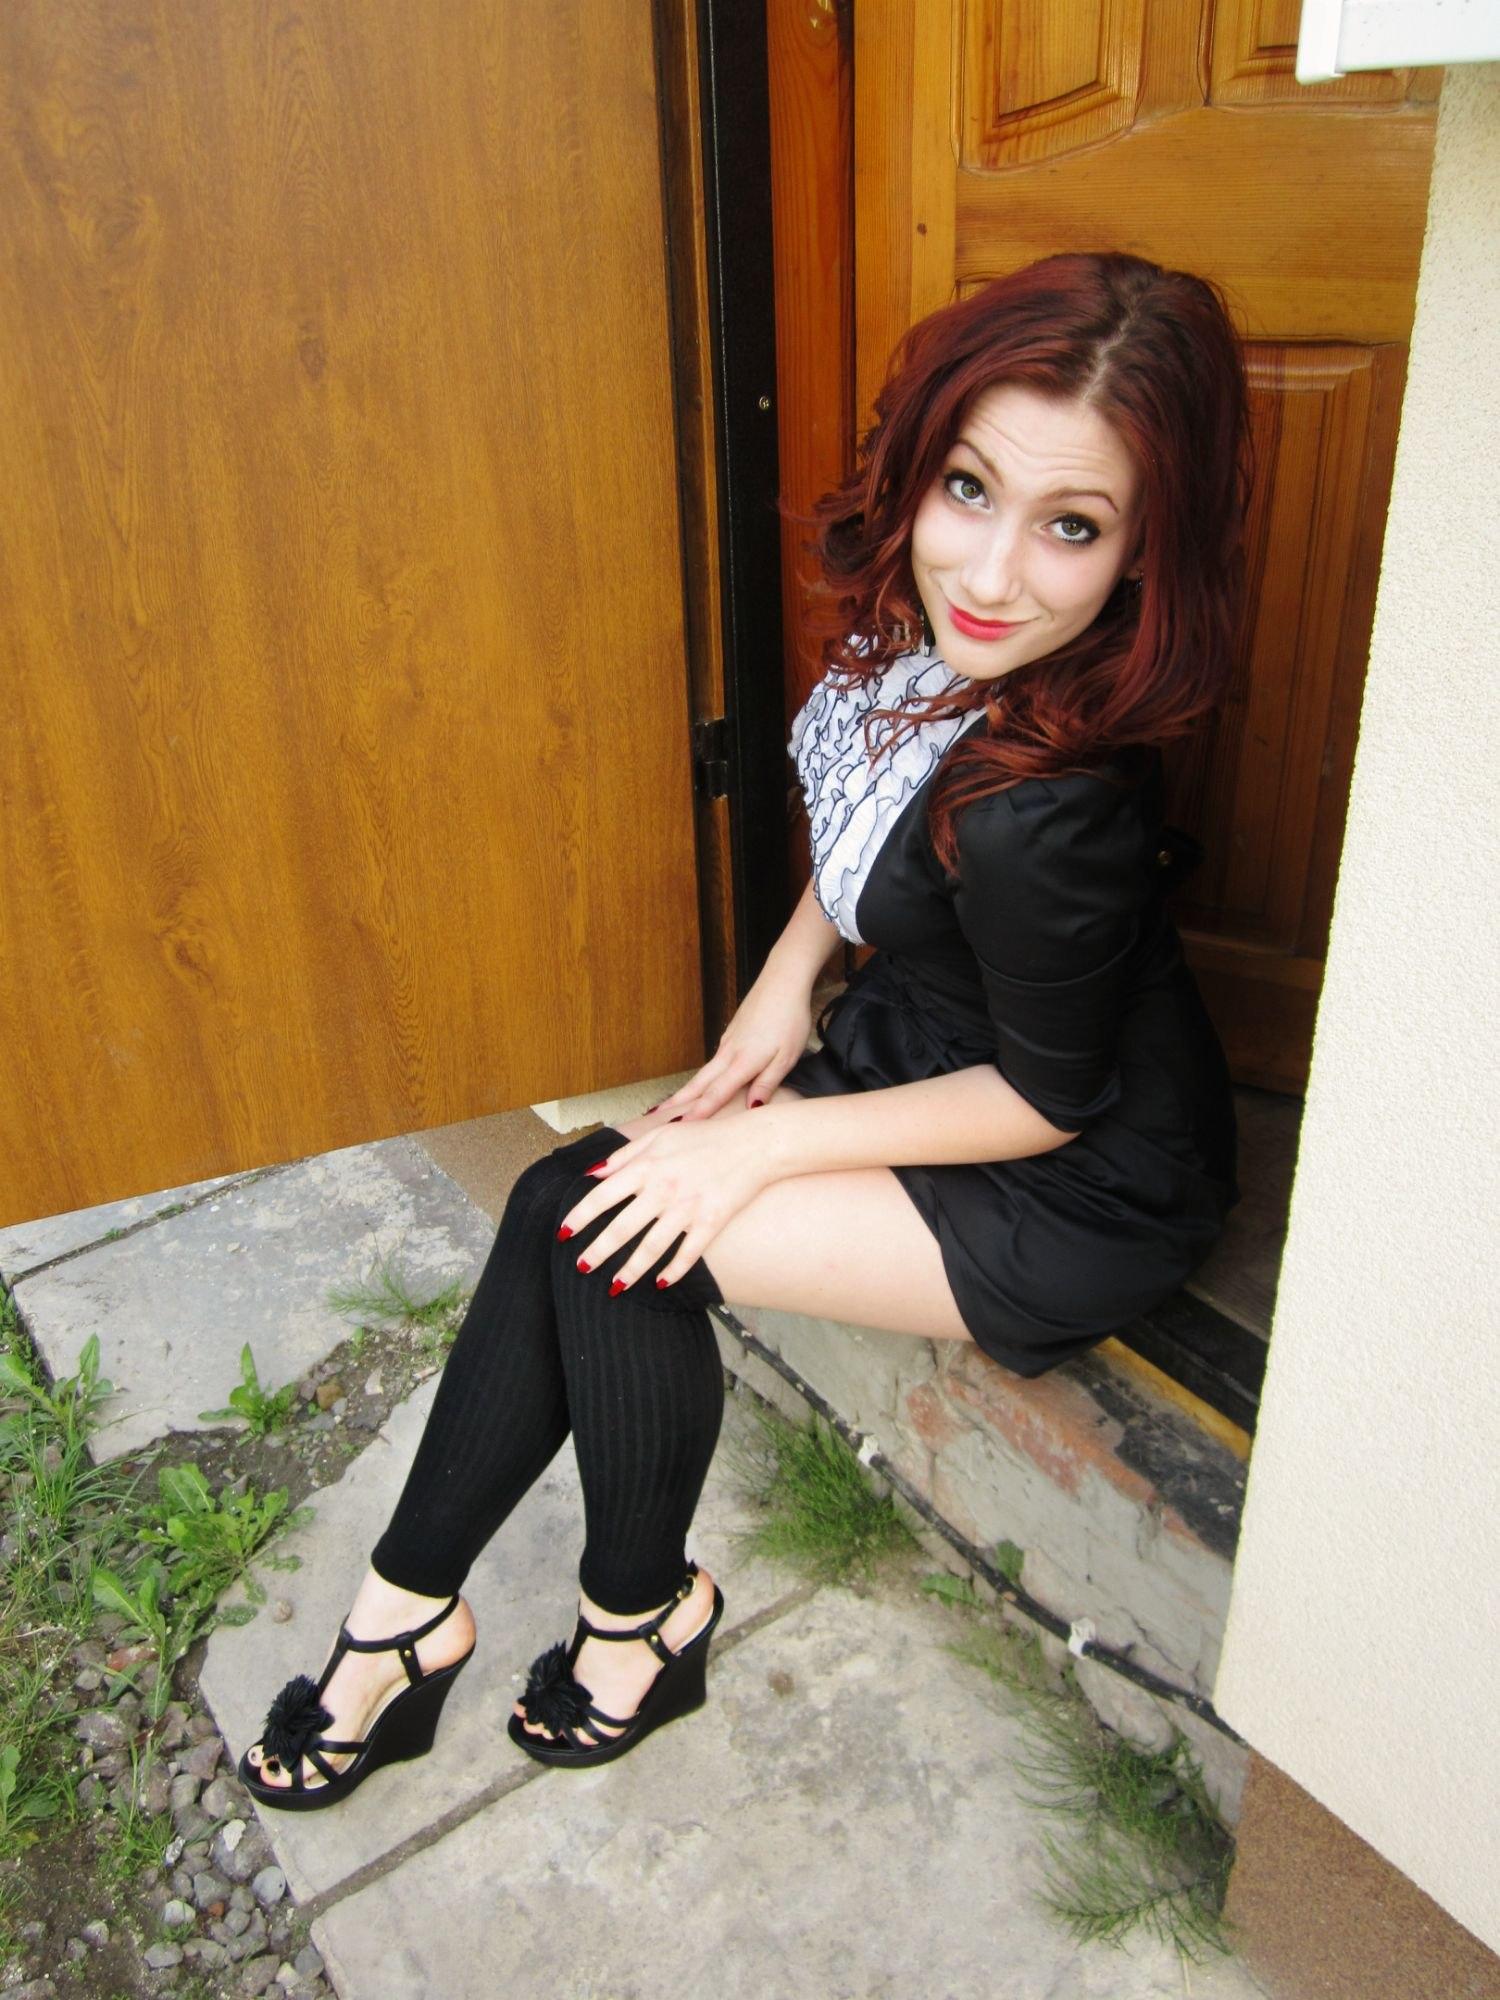 Рыжая красотка в черном платье и чулках